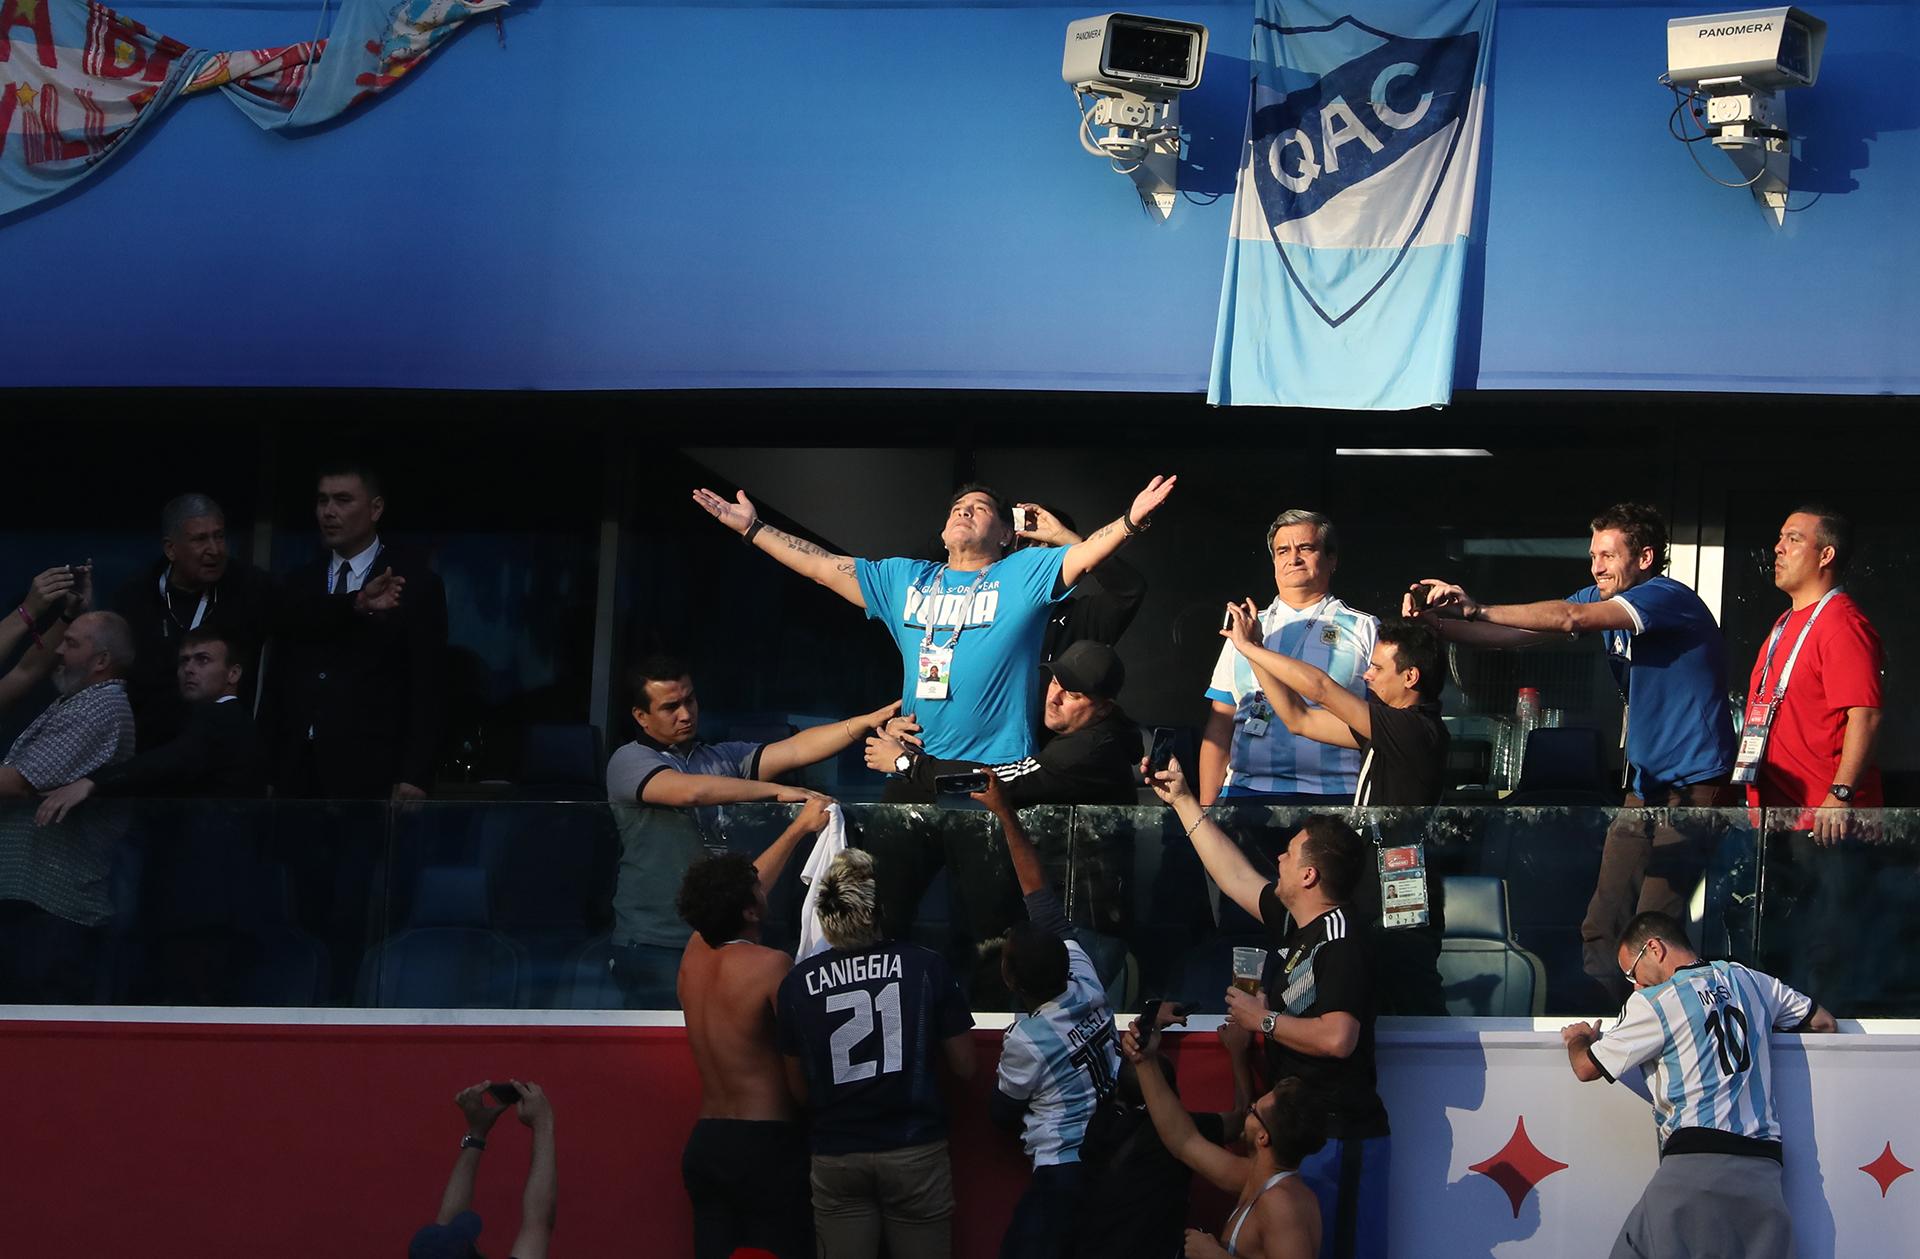 La escena de Maradona iluminado en el estadio recorrieron las redes sociales